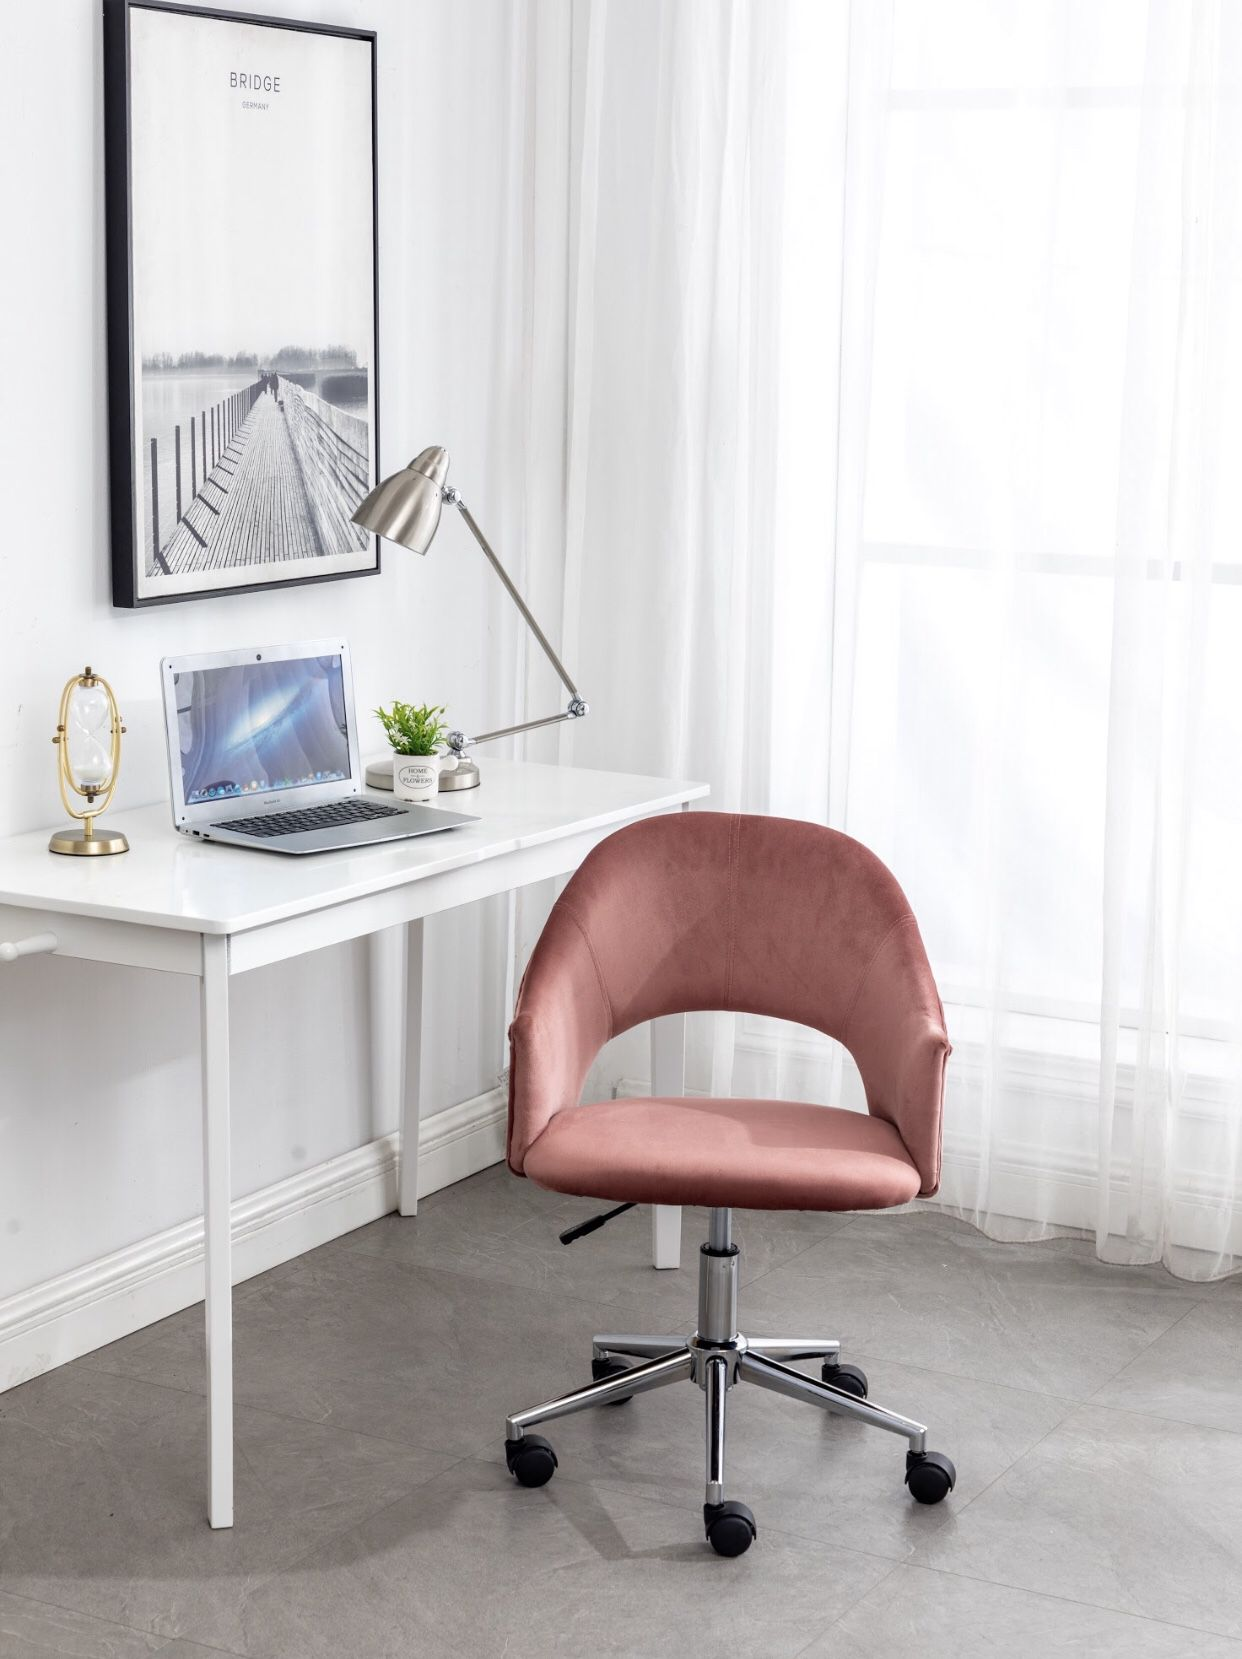 Rose gold velvet vanity chair office chair desk chair pink vanity chair velvet chairs BRAND NEW IN BOX